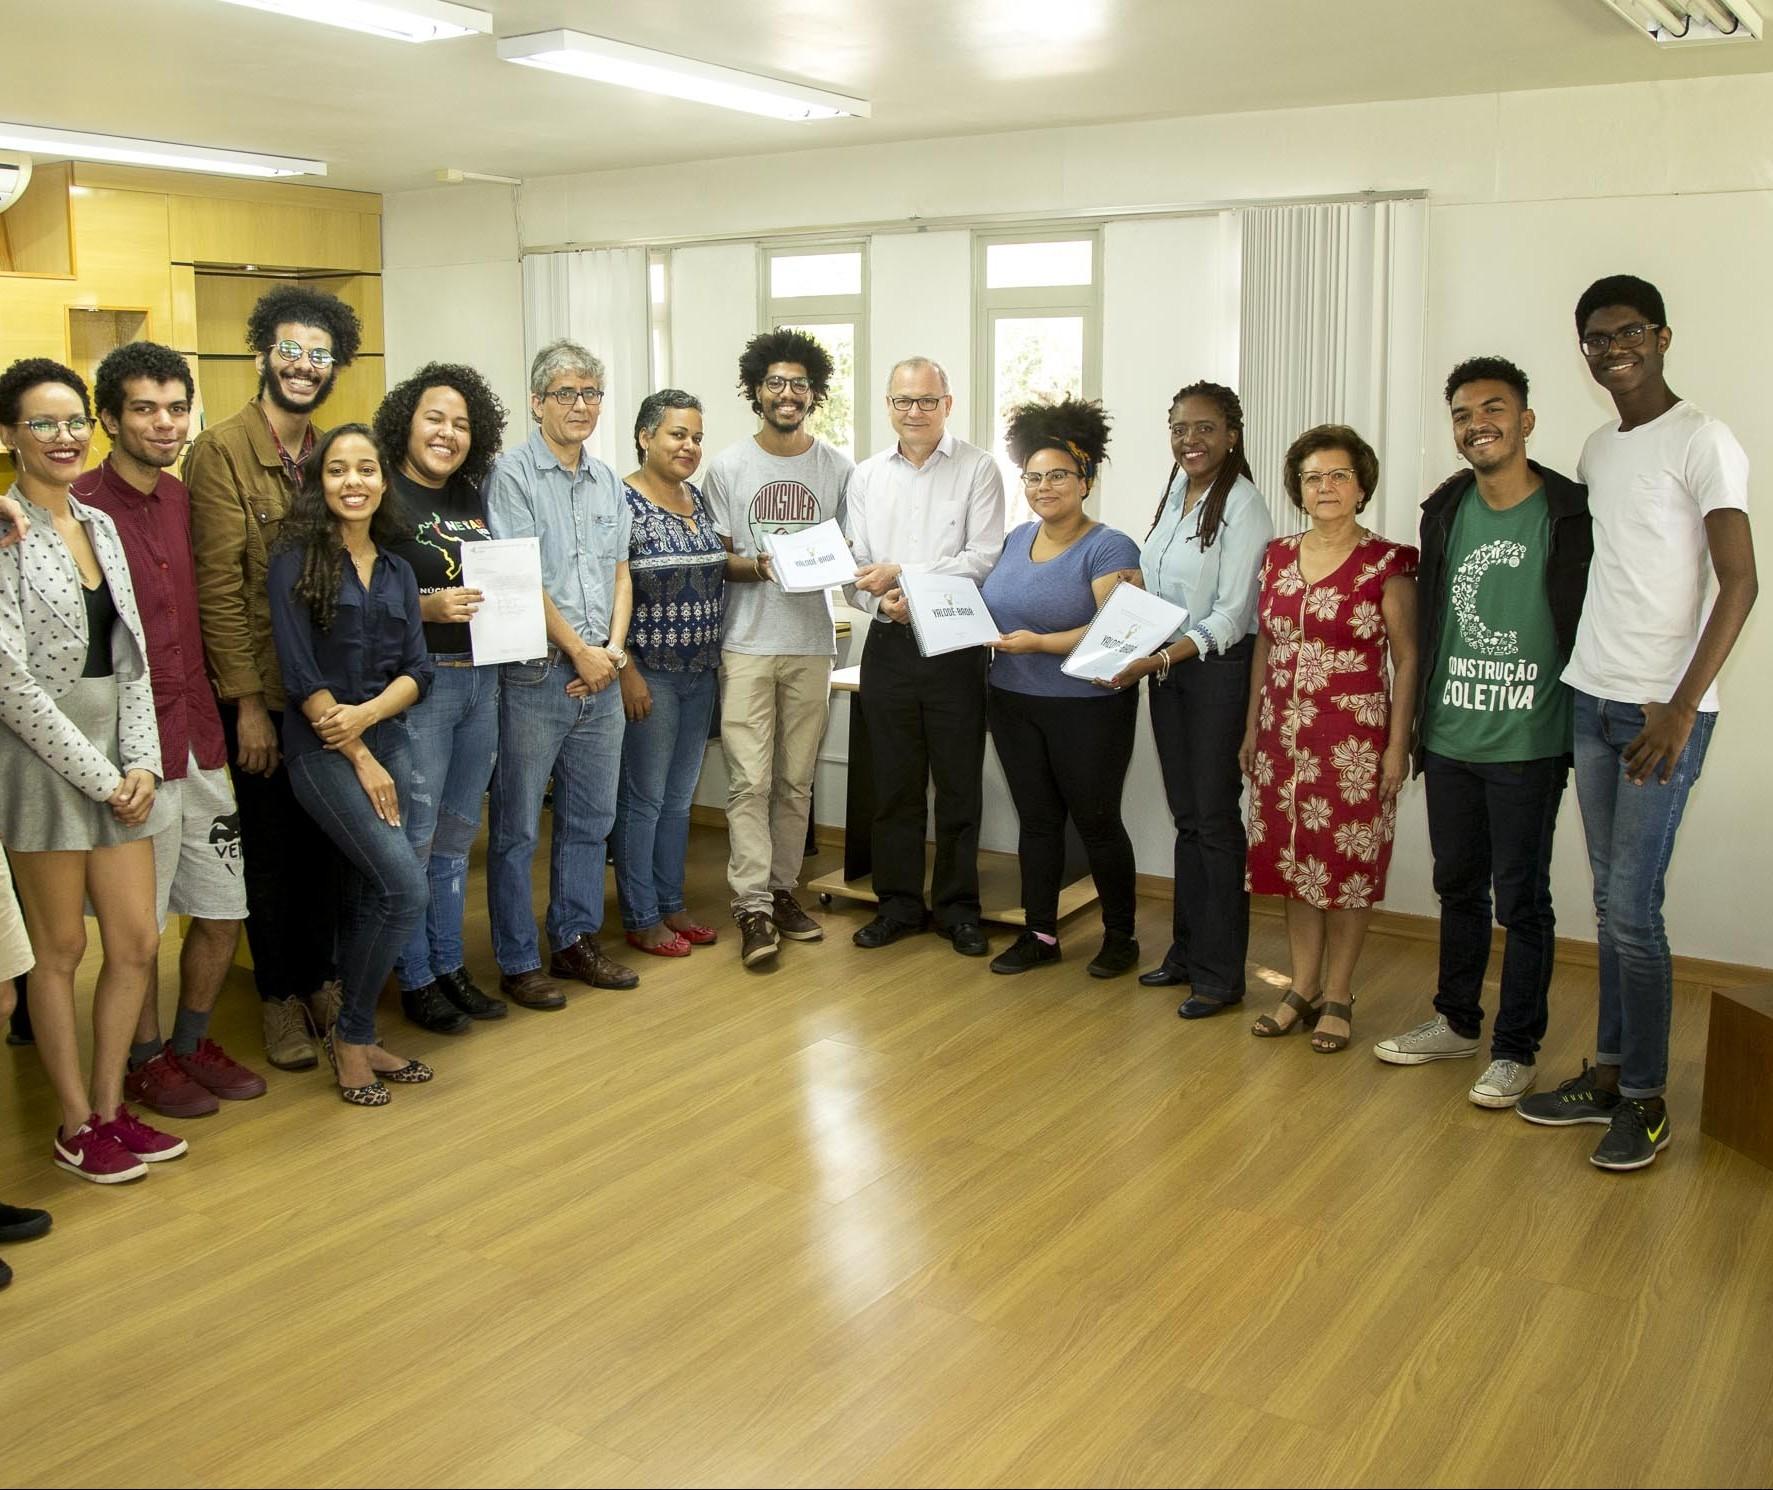 Movimento negro entrega documento pedindo cotas raciais na UEM